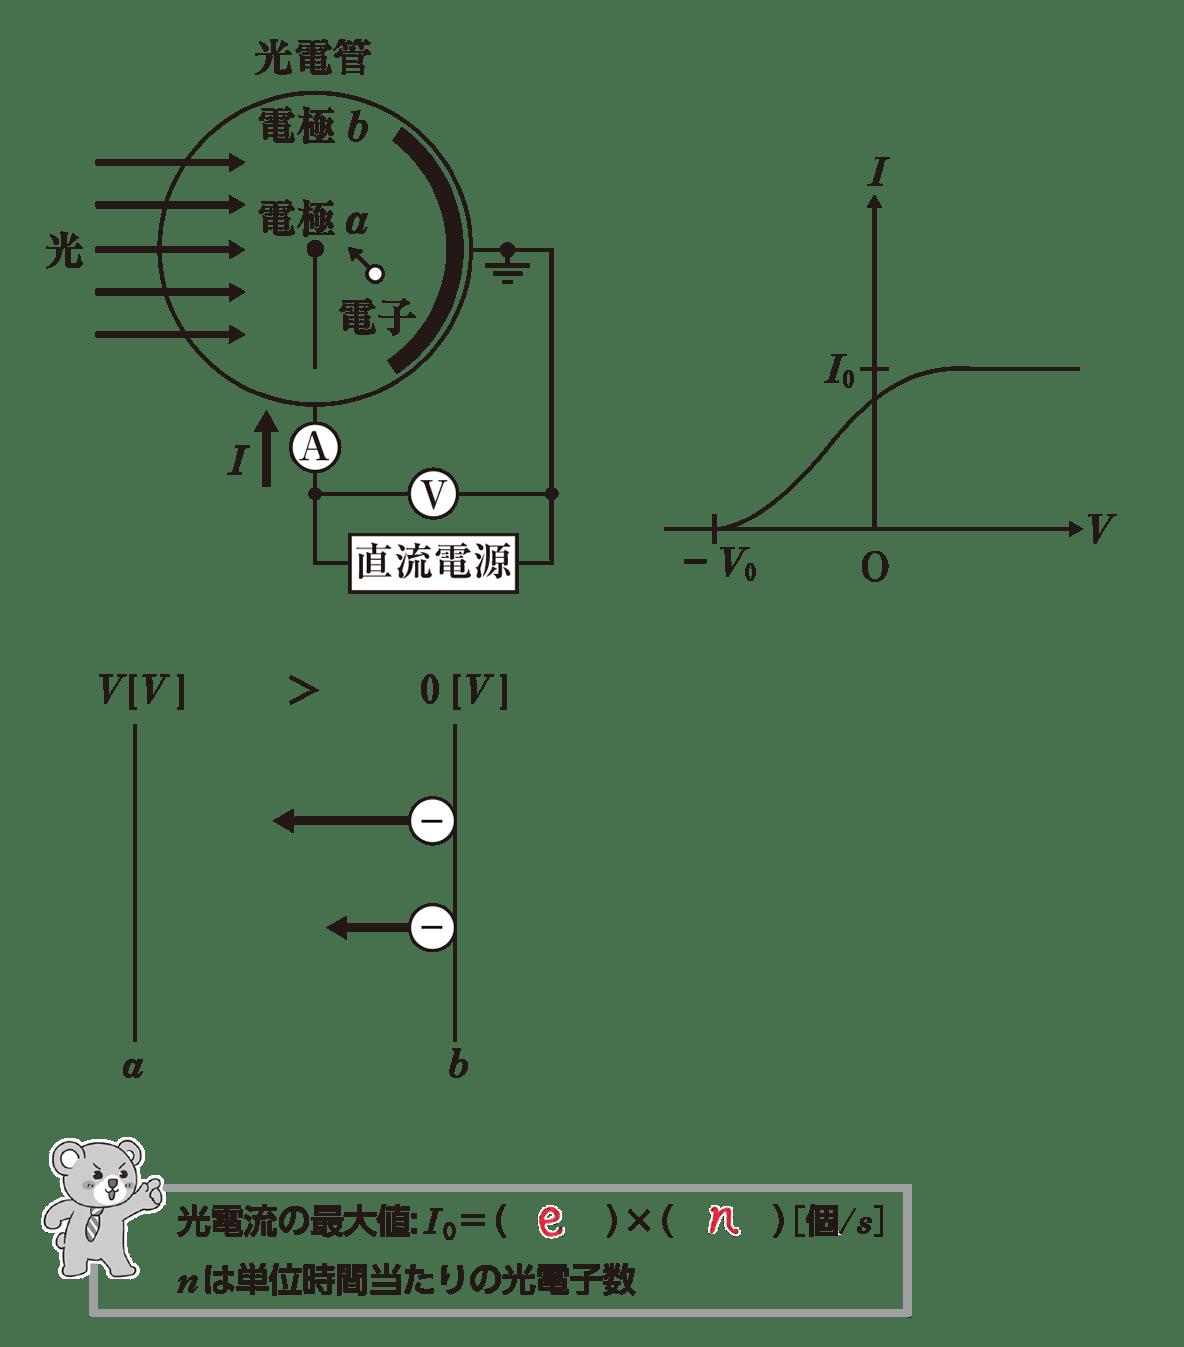 高校物理 原子4 ポイント1 全部 空欄埋める